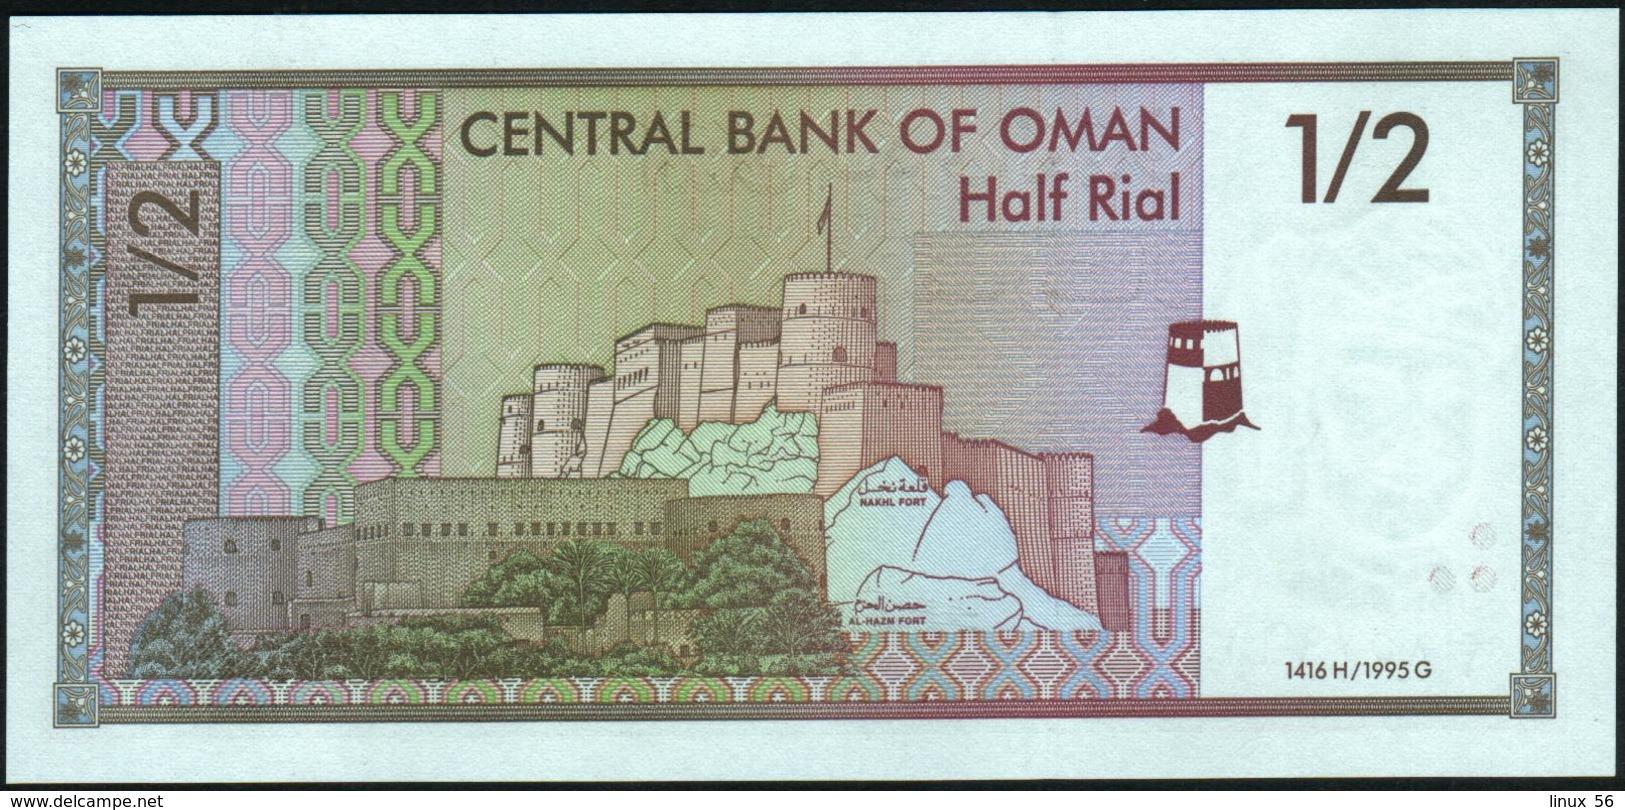 OMAN - 1/2 Rial 1995 {Central Bank Of Oman} {Sultan Qaboos Bin Sa'id} UNC P.33 - Oman